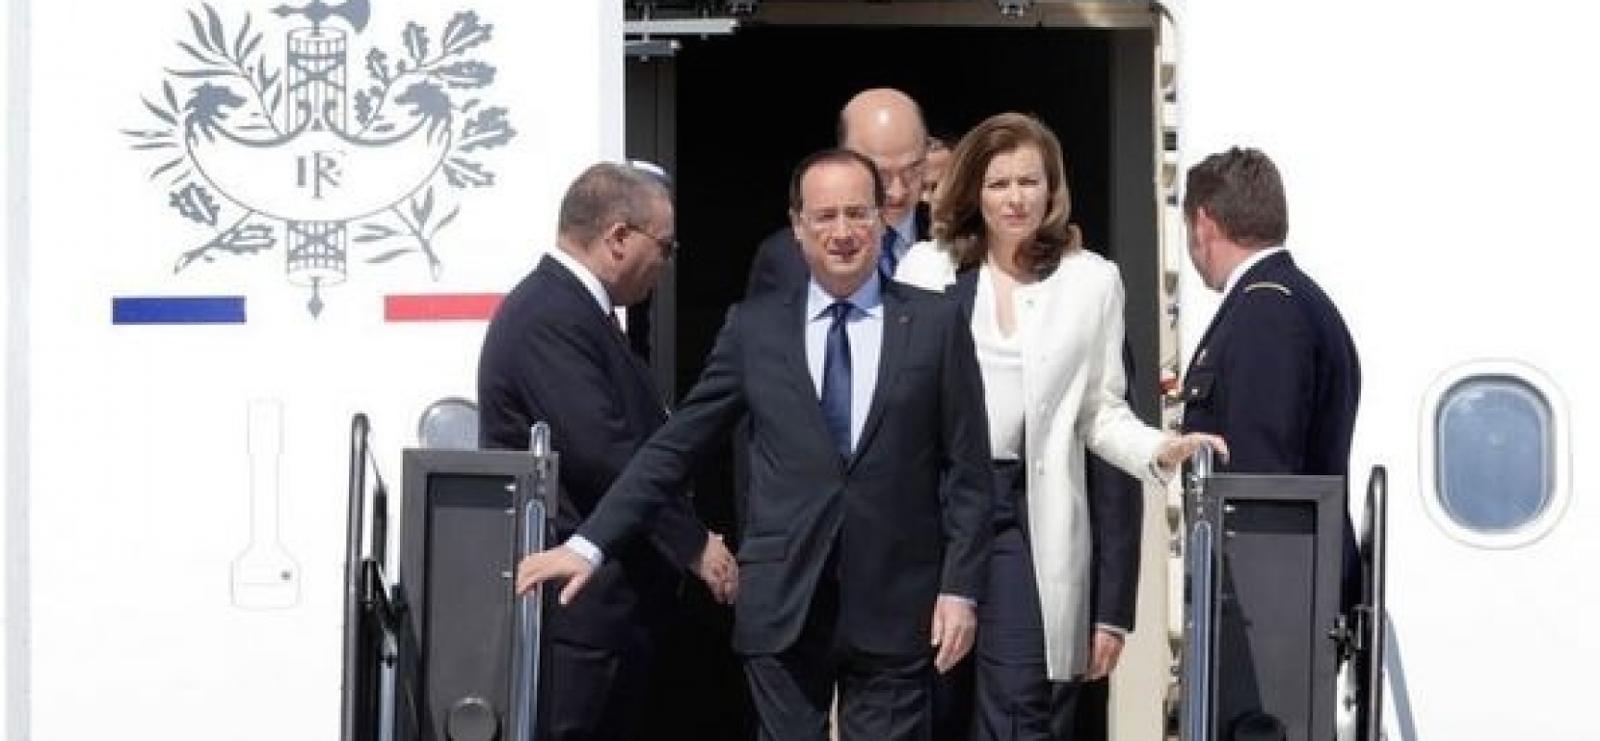 François Hollande utilise un jet privé et dépense 9200 euros pour aller voter